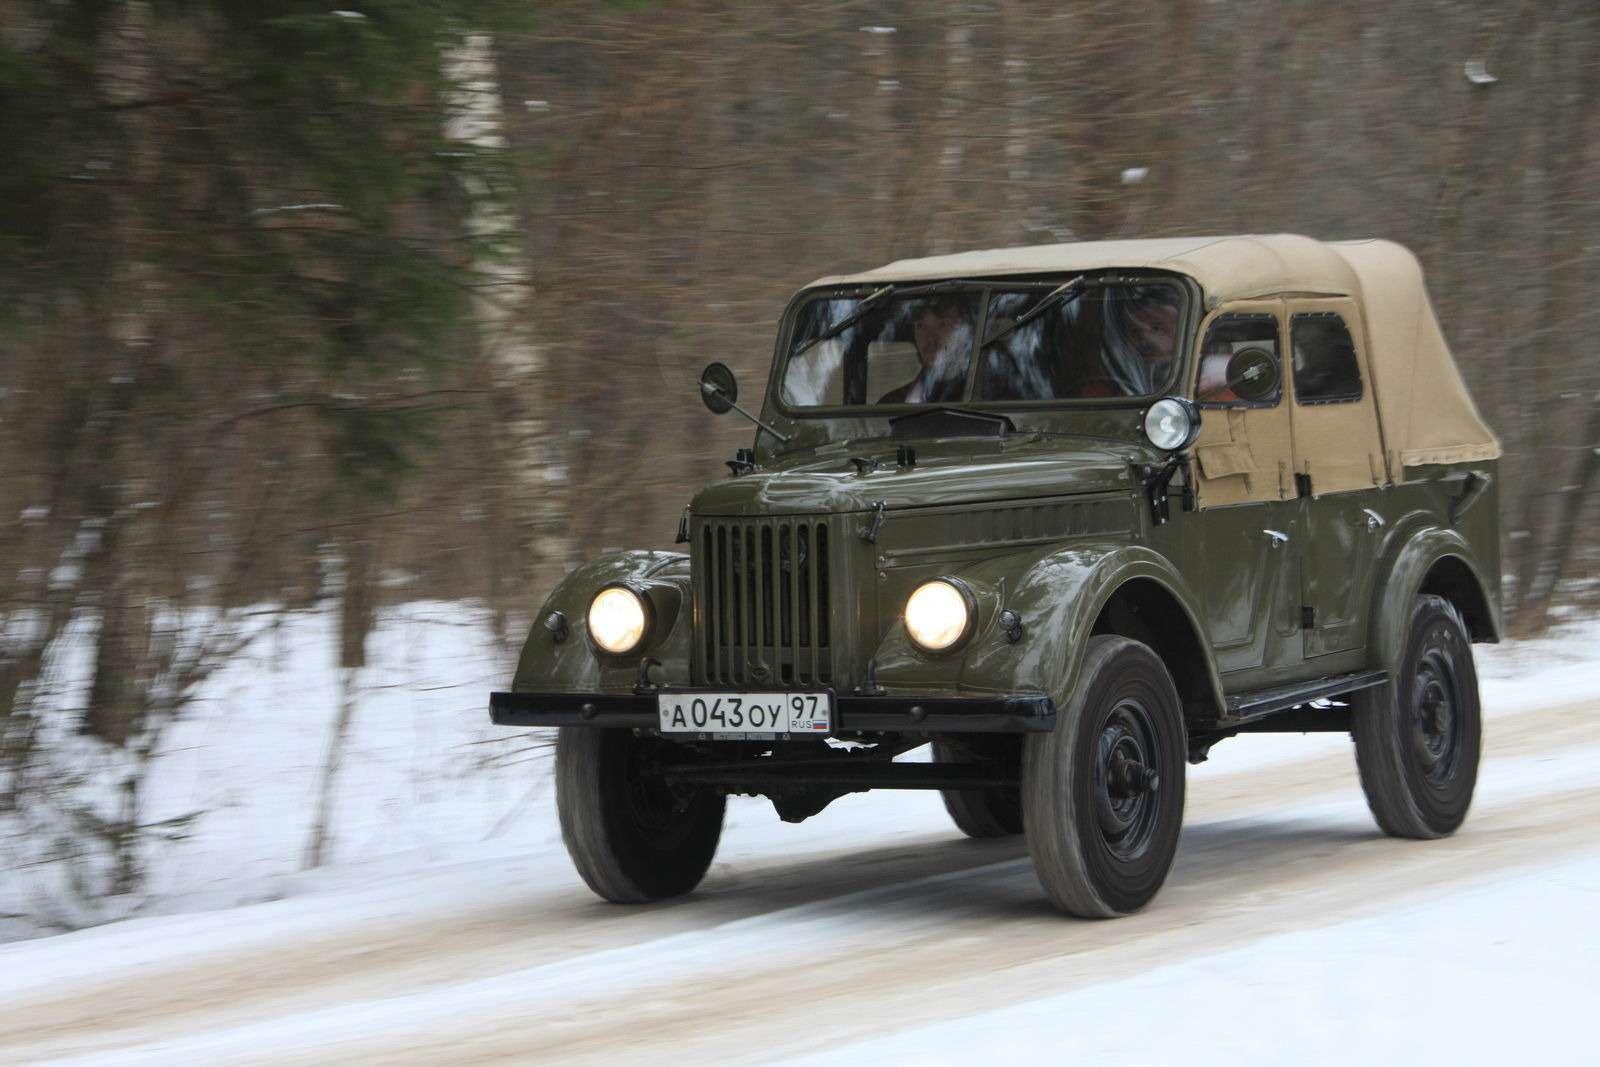 ОтЛады XRAY доBentley Arnage R: личные гаражи Медведева иминистров— фото 862810